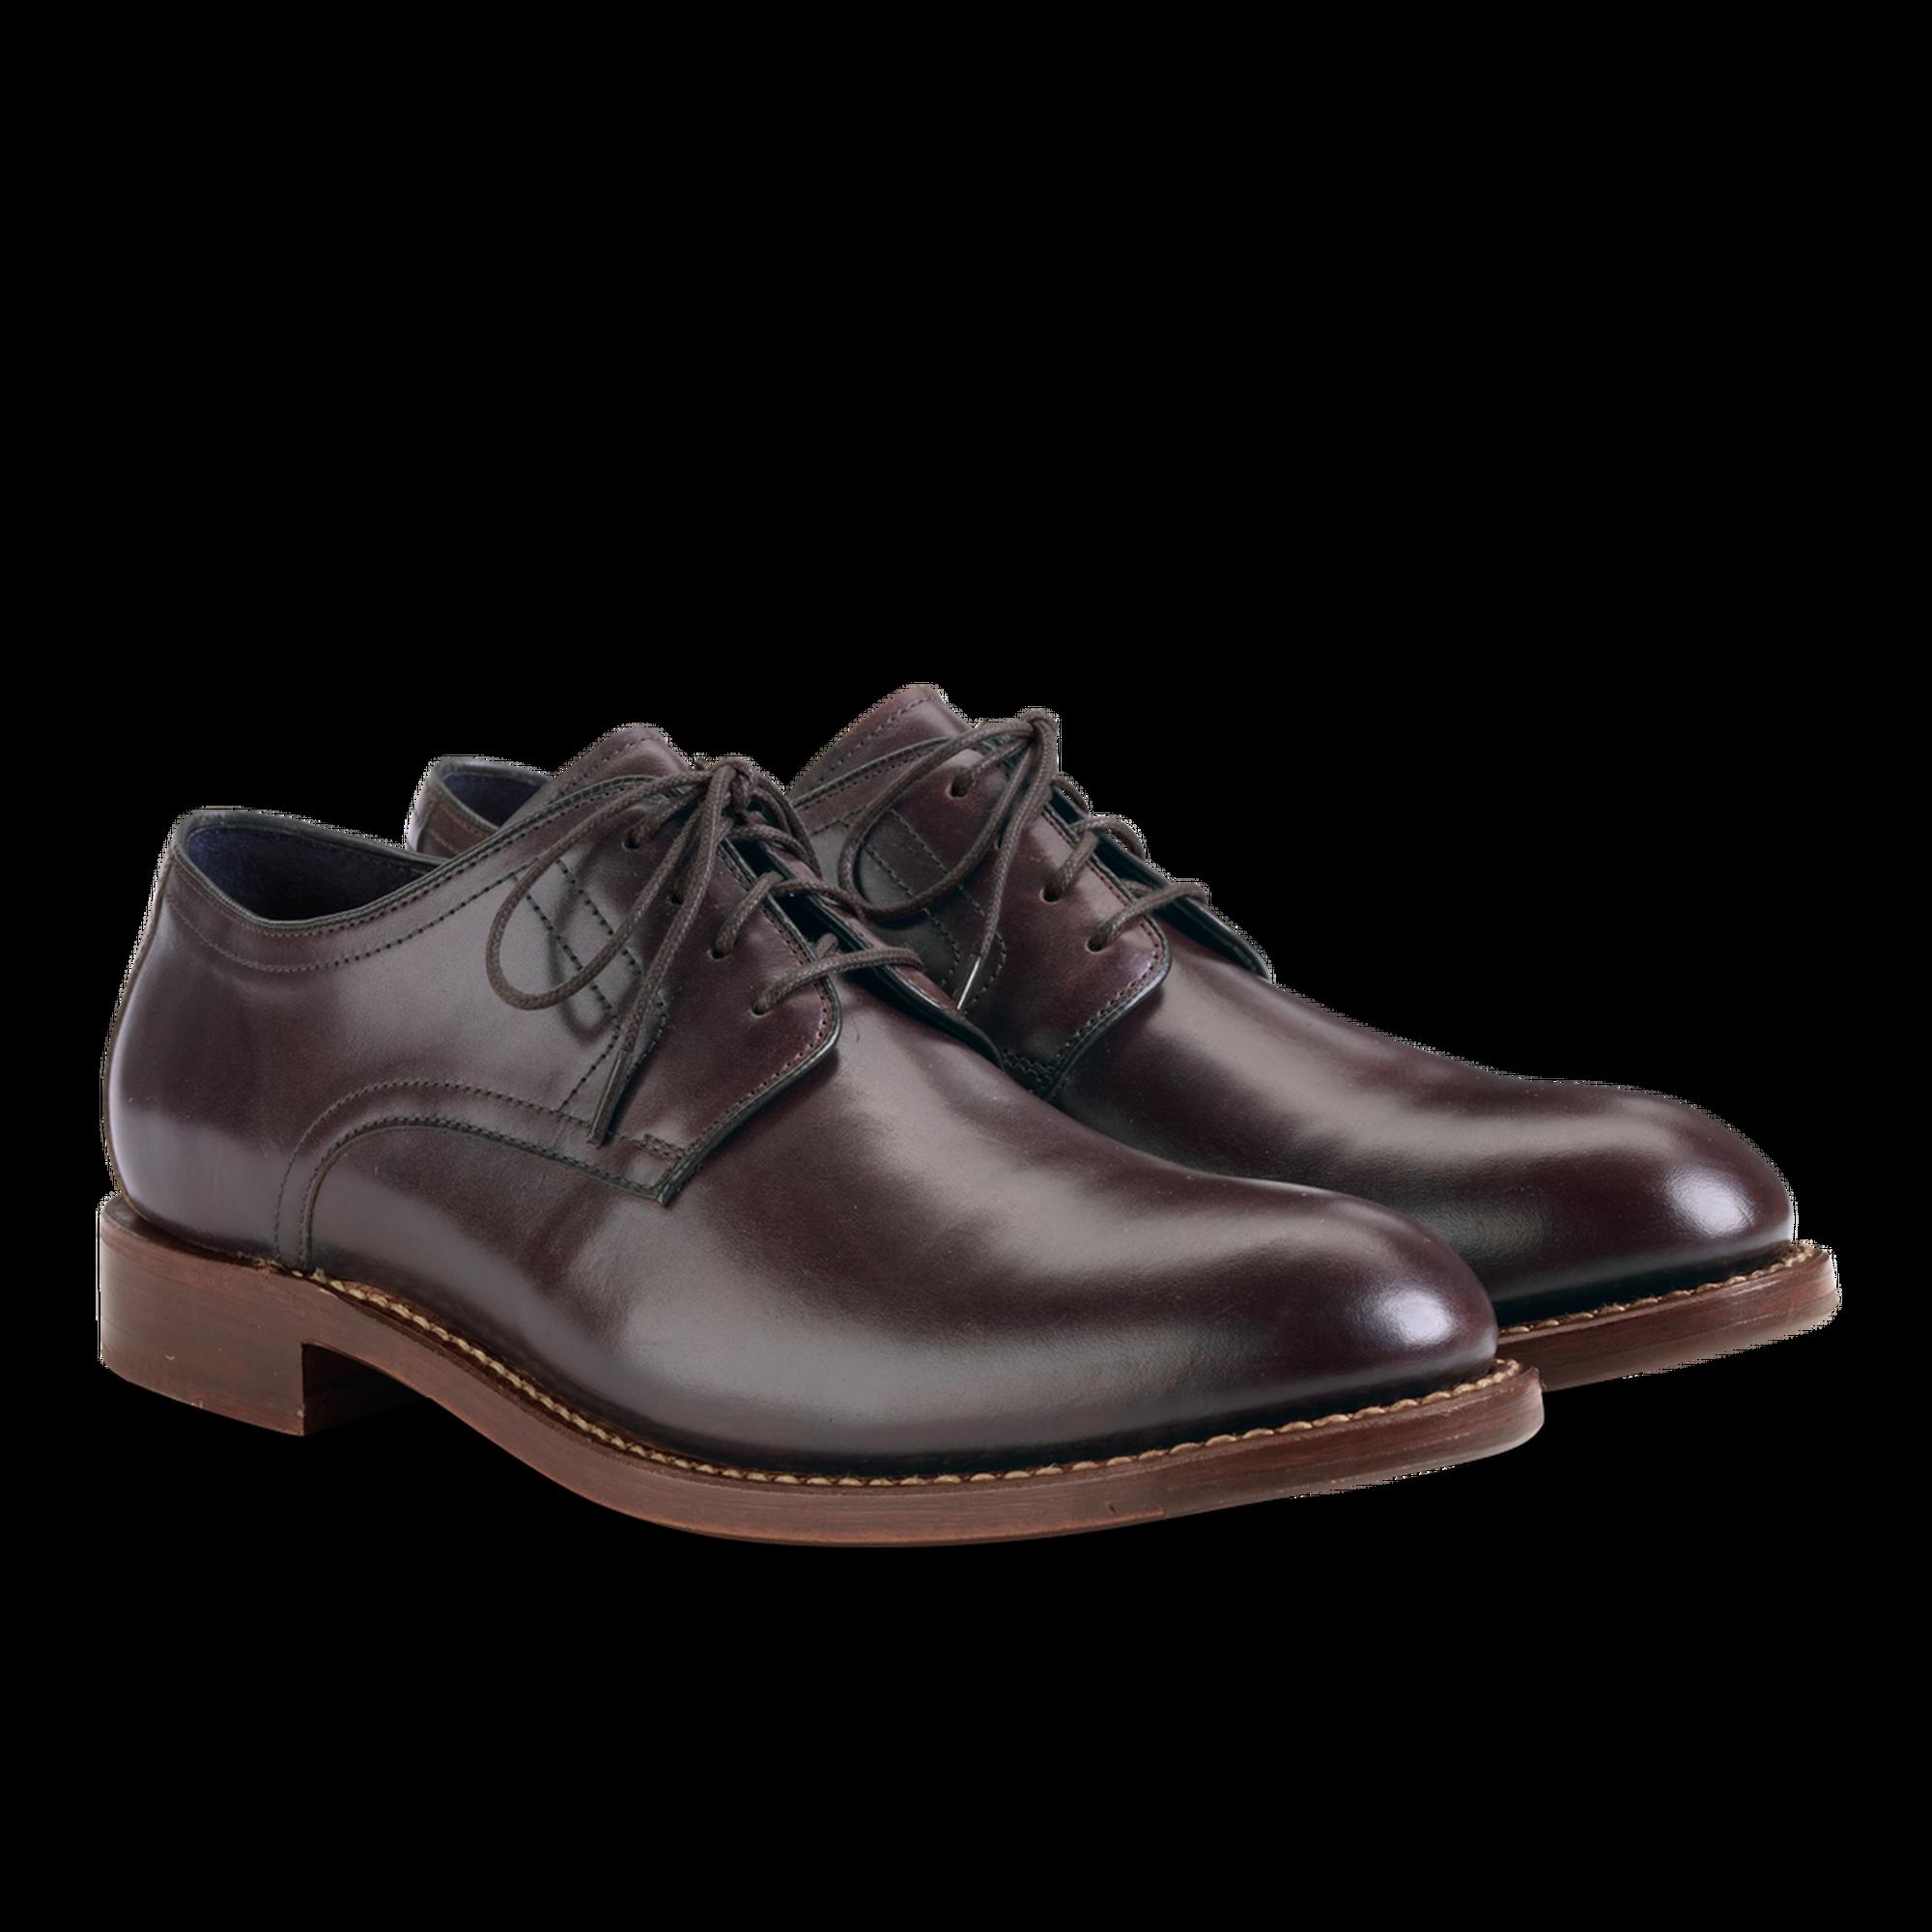 Men shoes PNG image - Shoes PNG